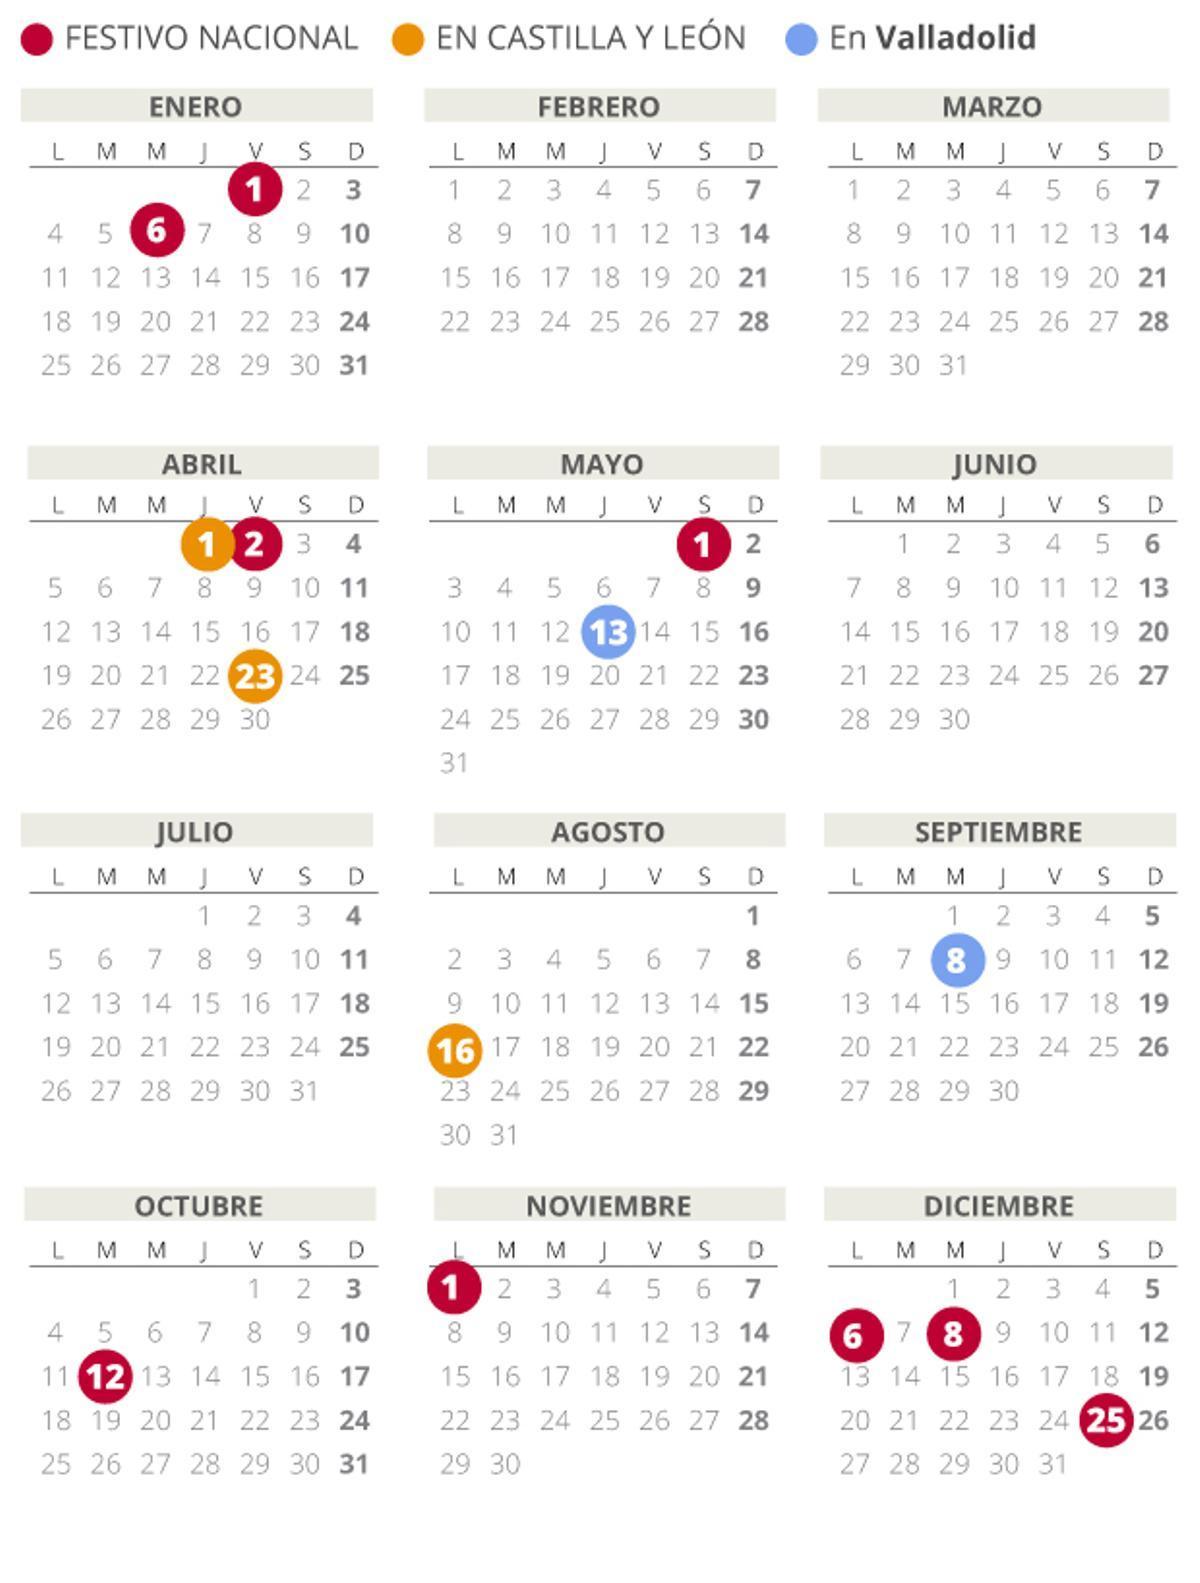 Calendario laboral de Valladolid 2021.